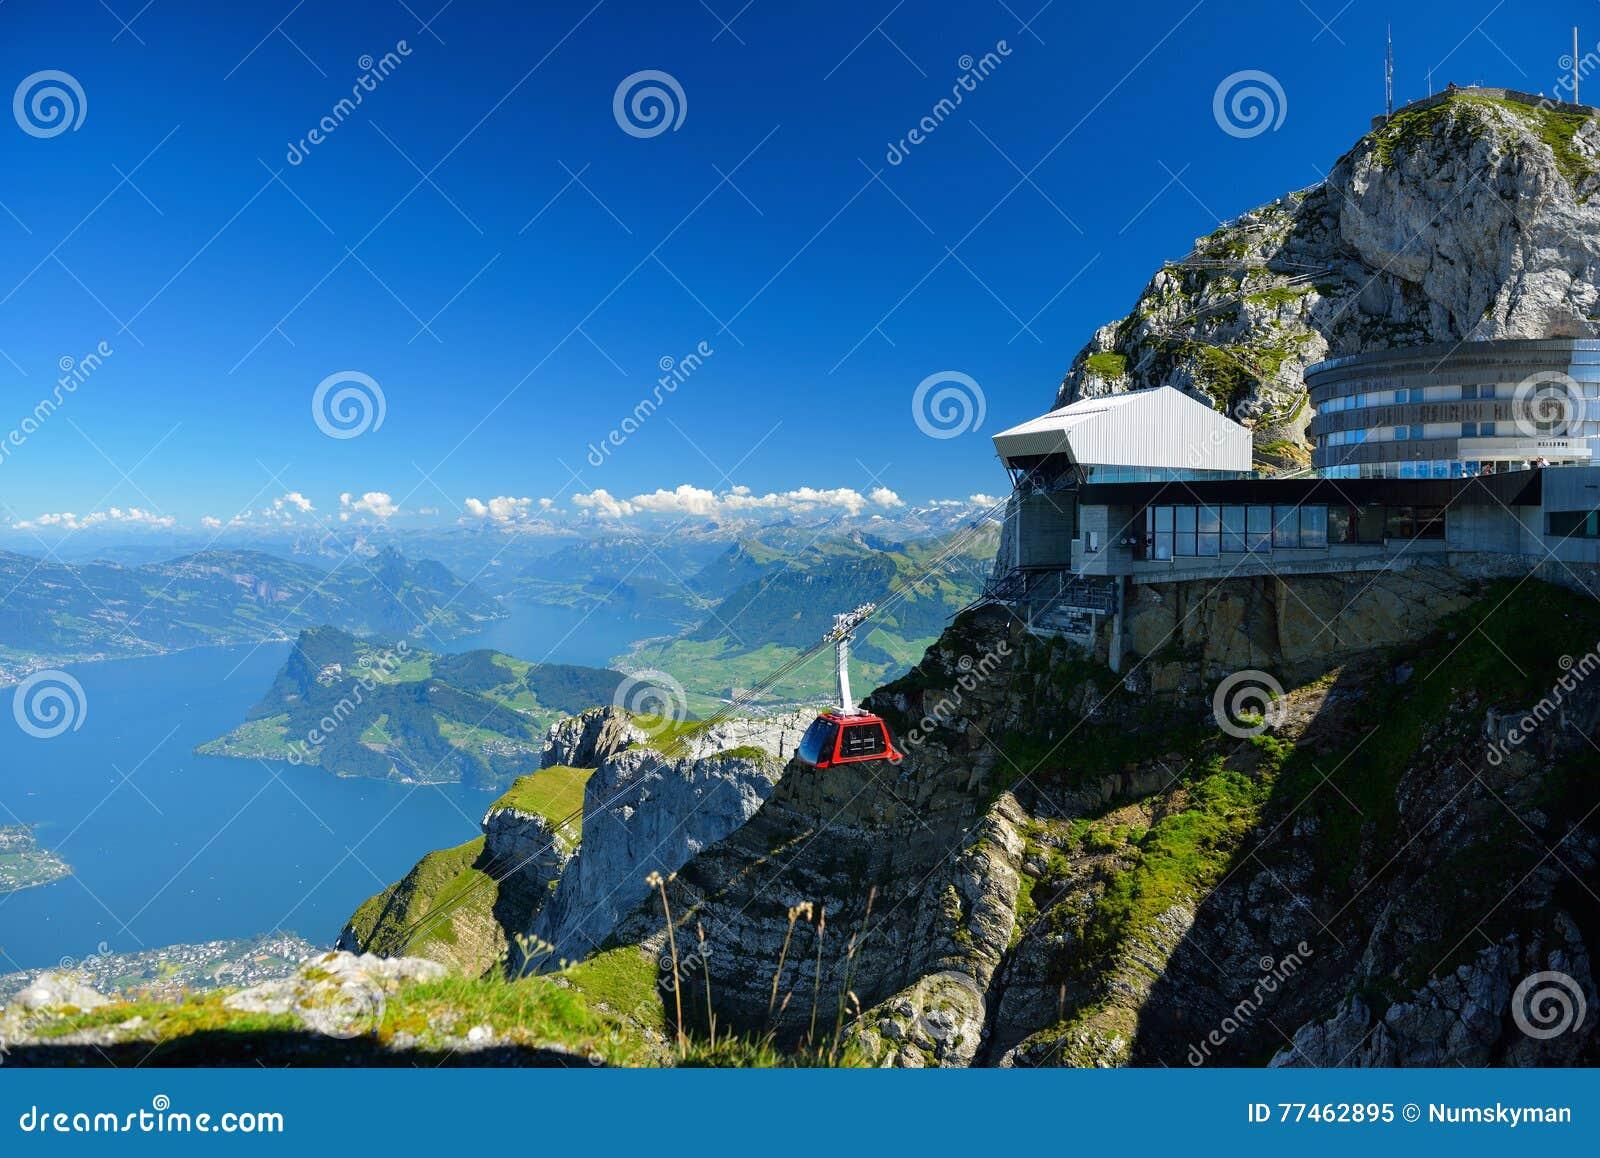 Acercamiento al top de la montaña de Pilatus de Lucerna, S del teleférico